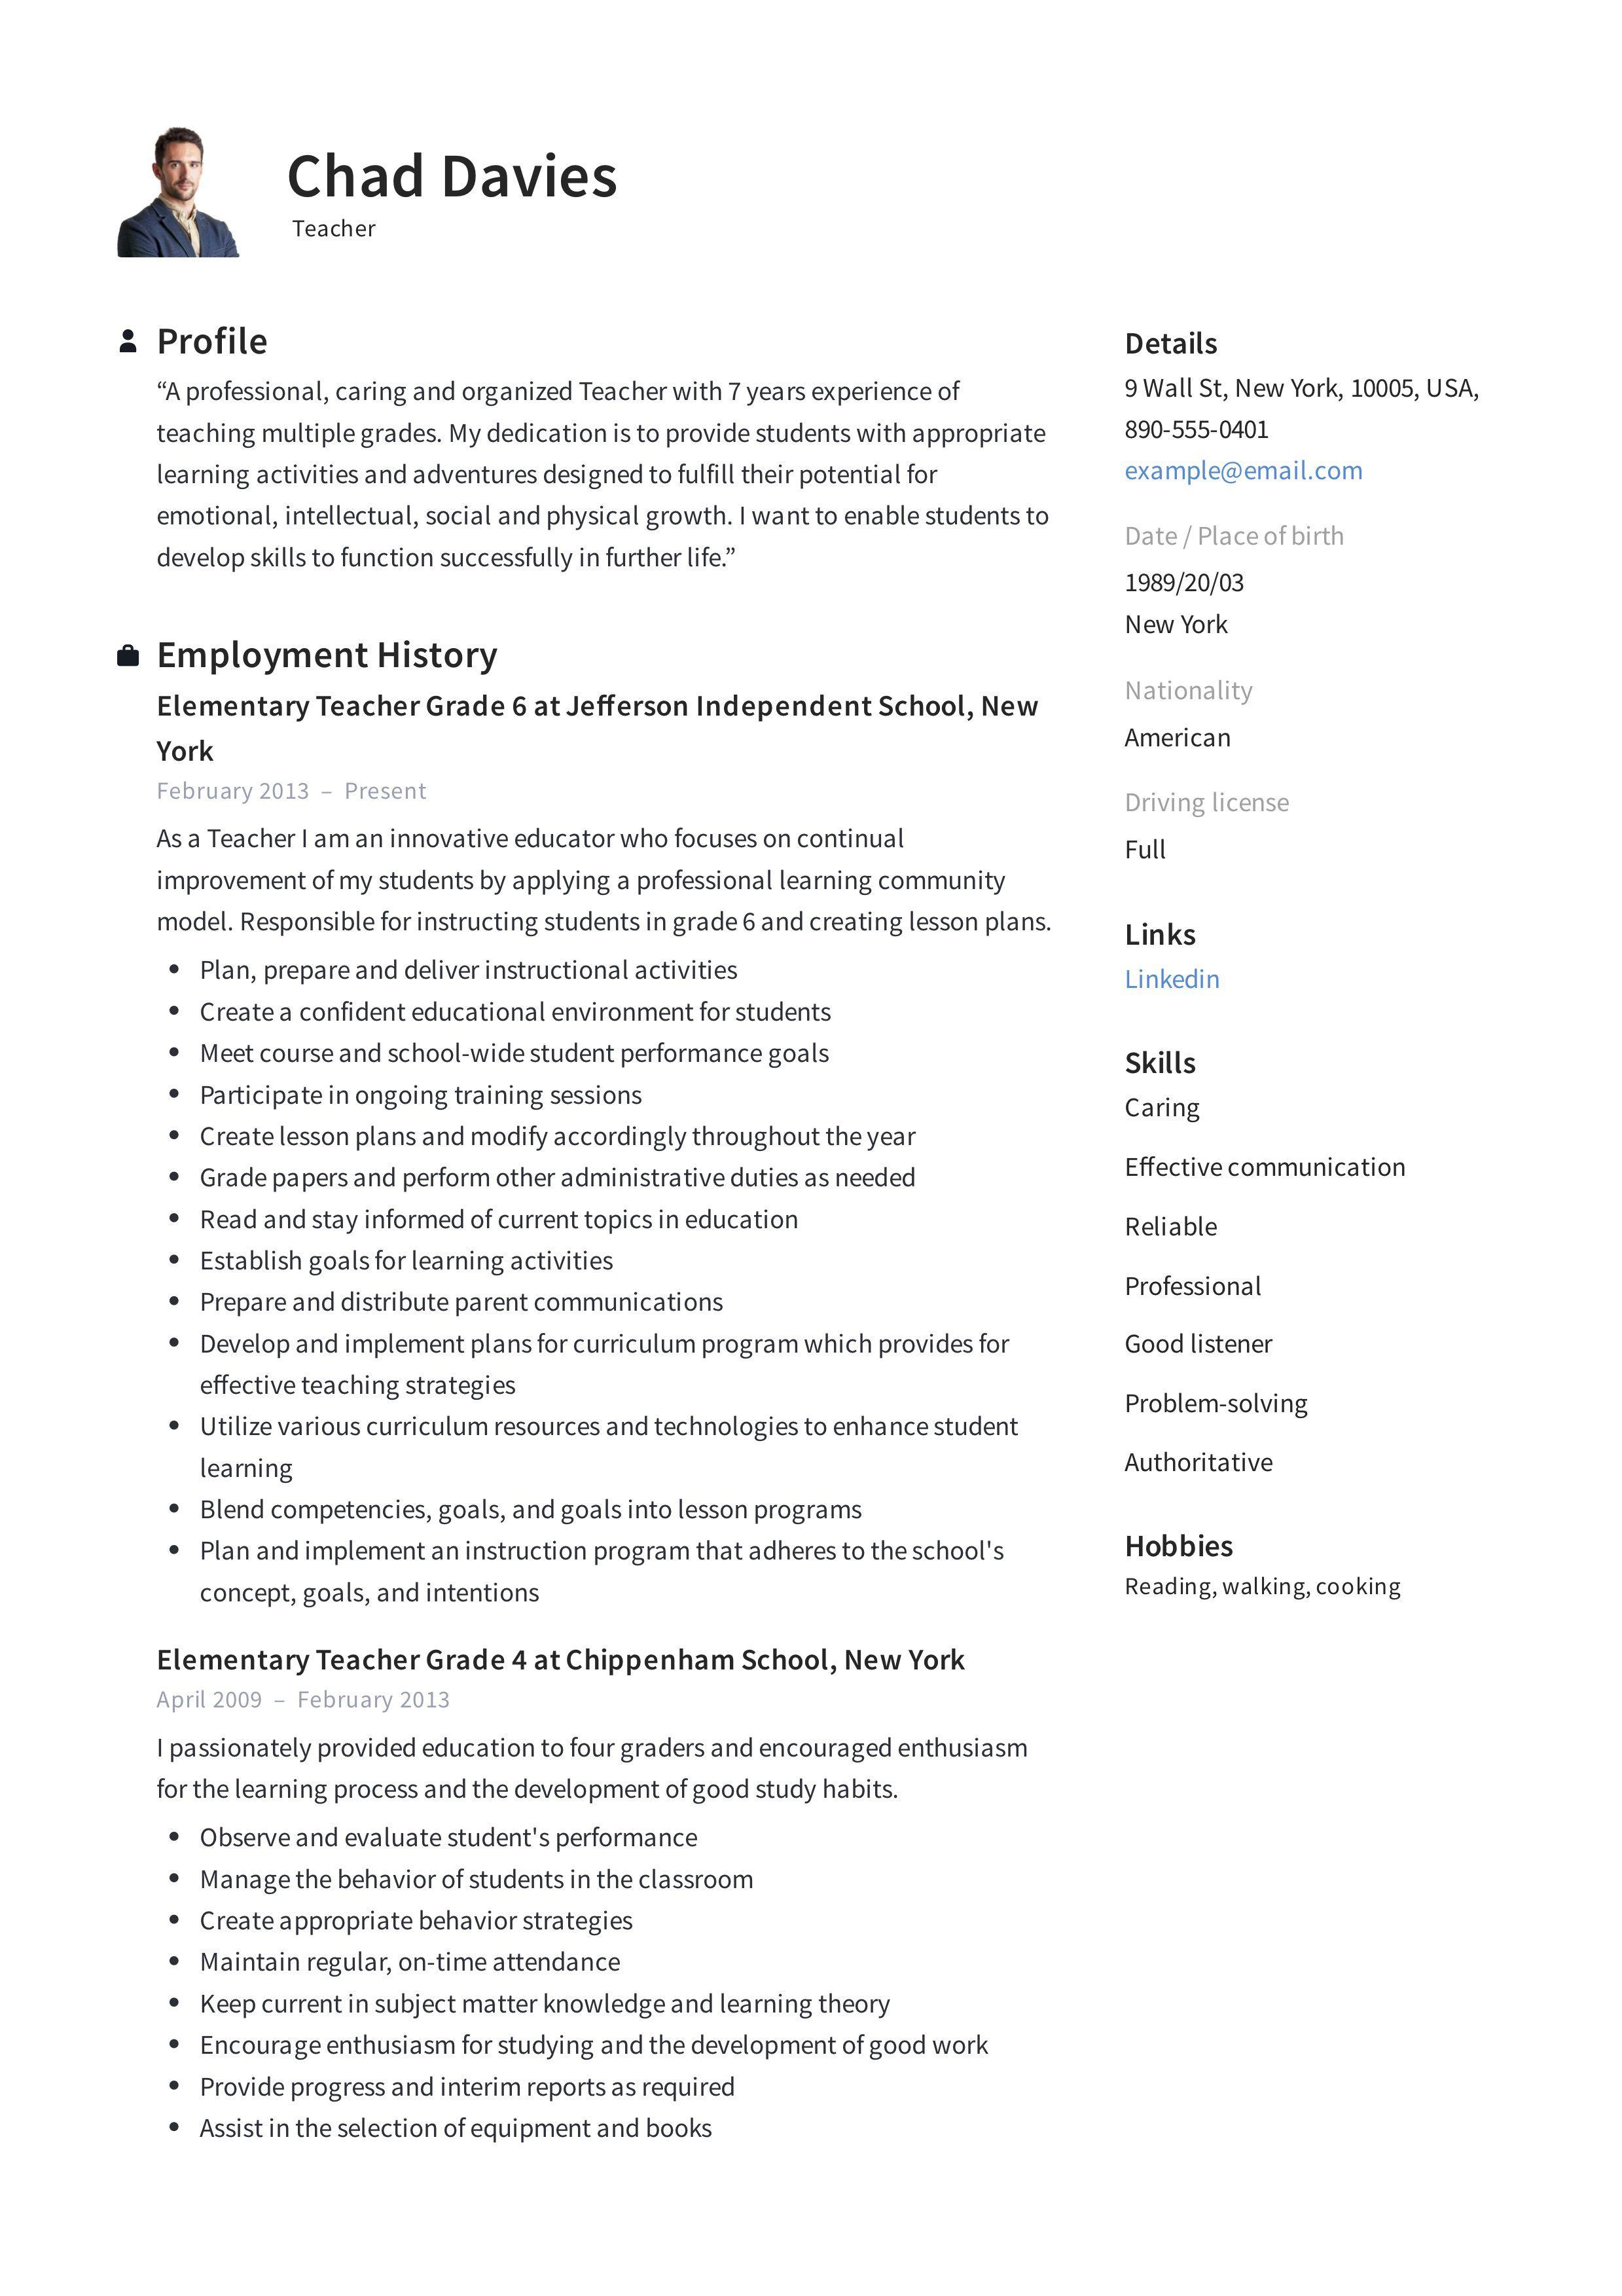 004 Striking Cv Template For Teaching Design  Sample Teacher Assistant Modern Word Free Download JobFull